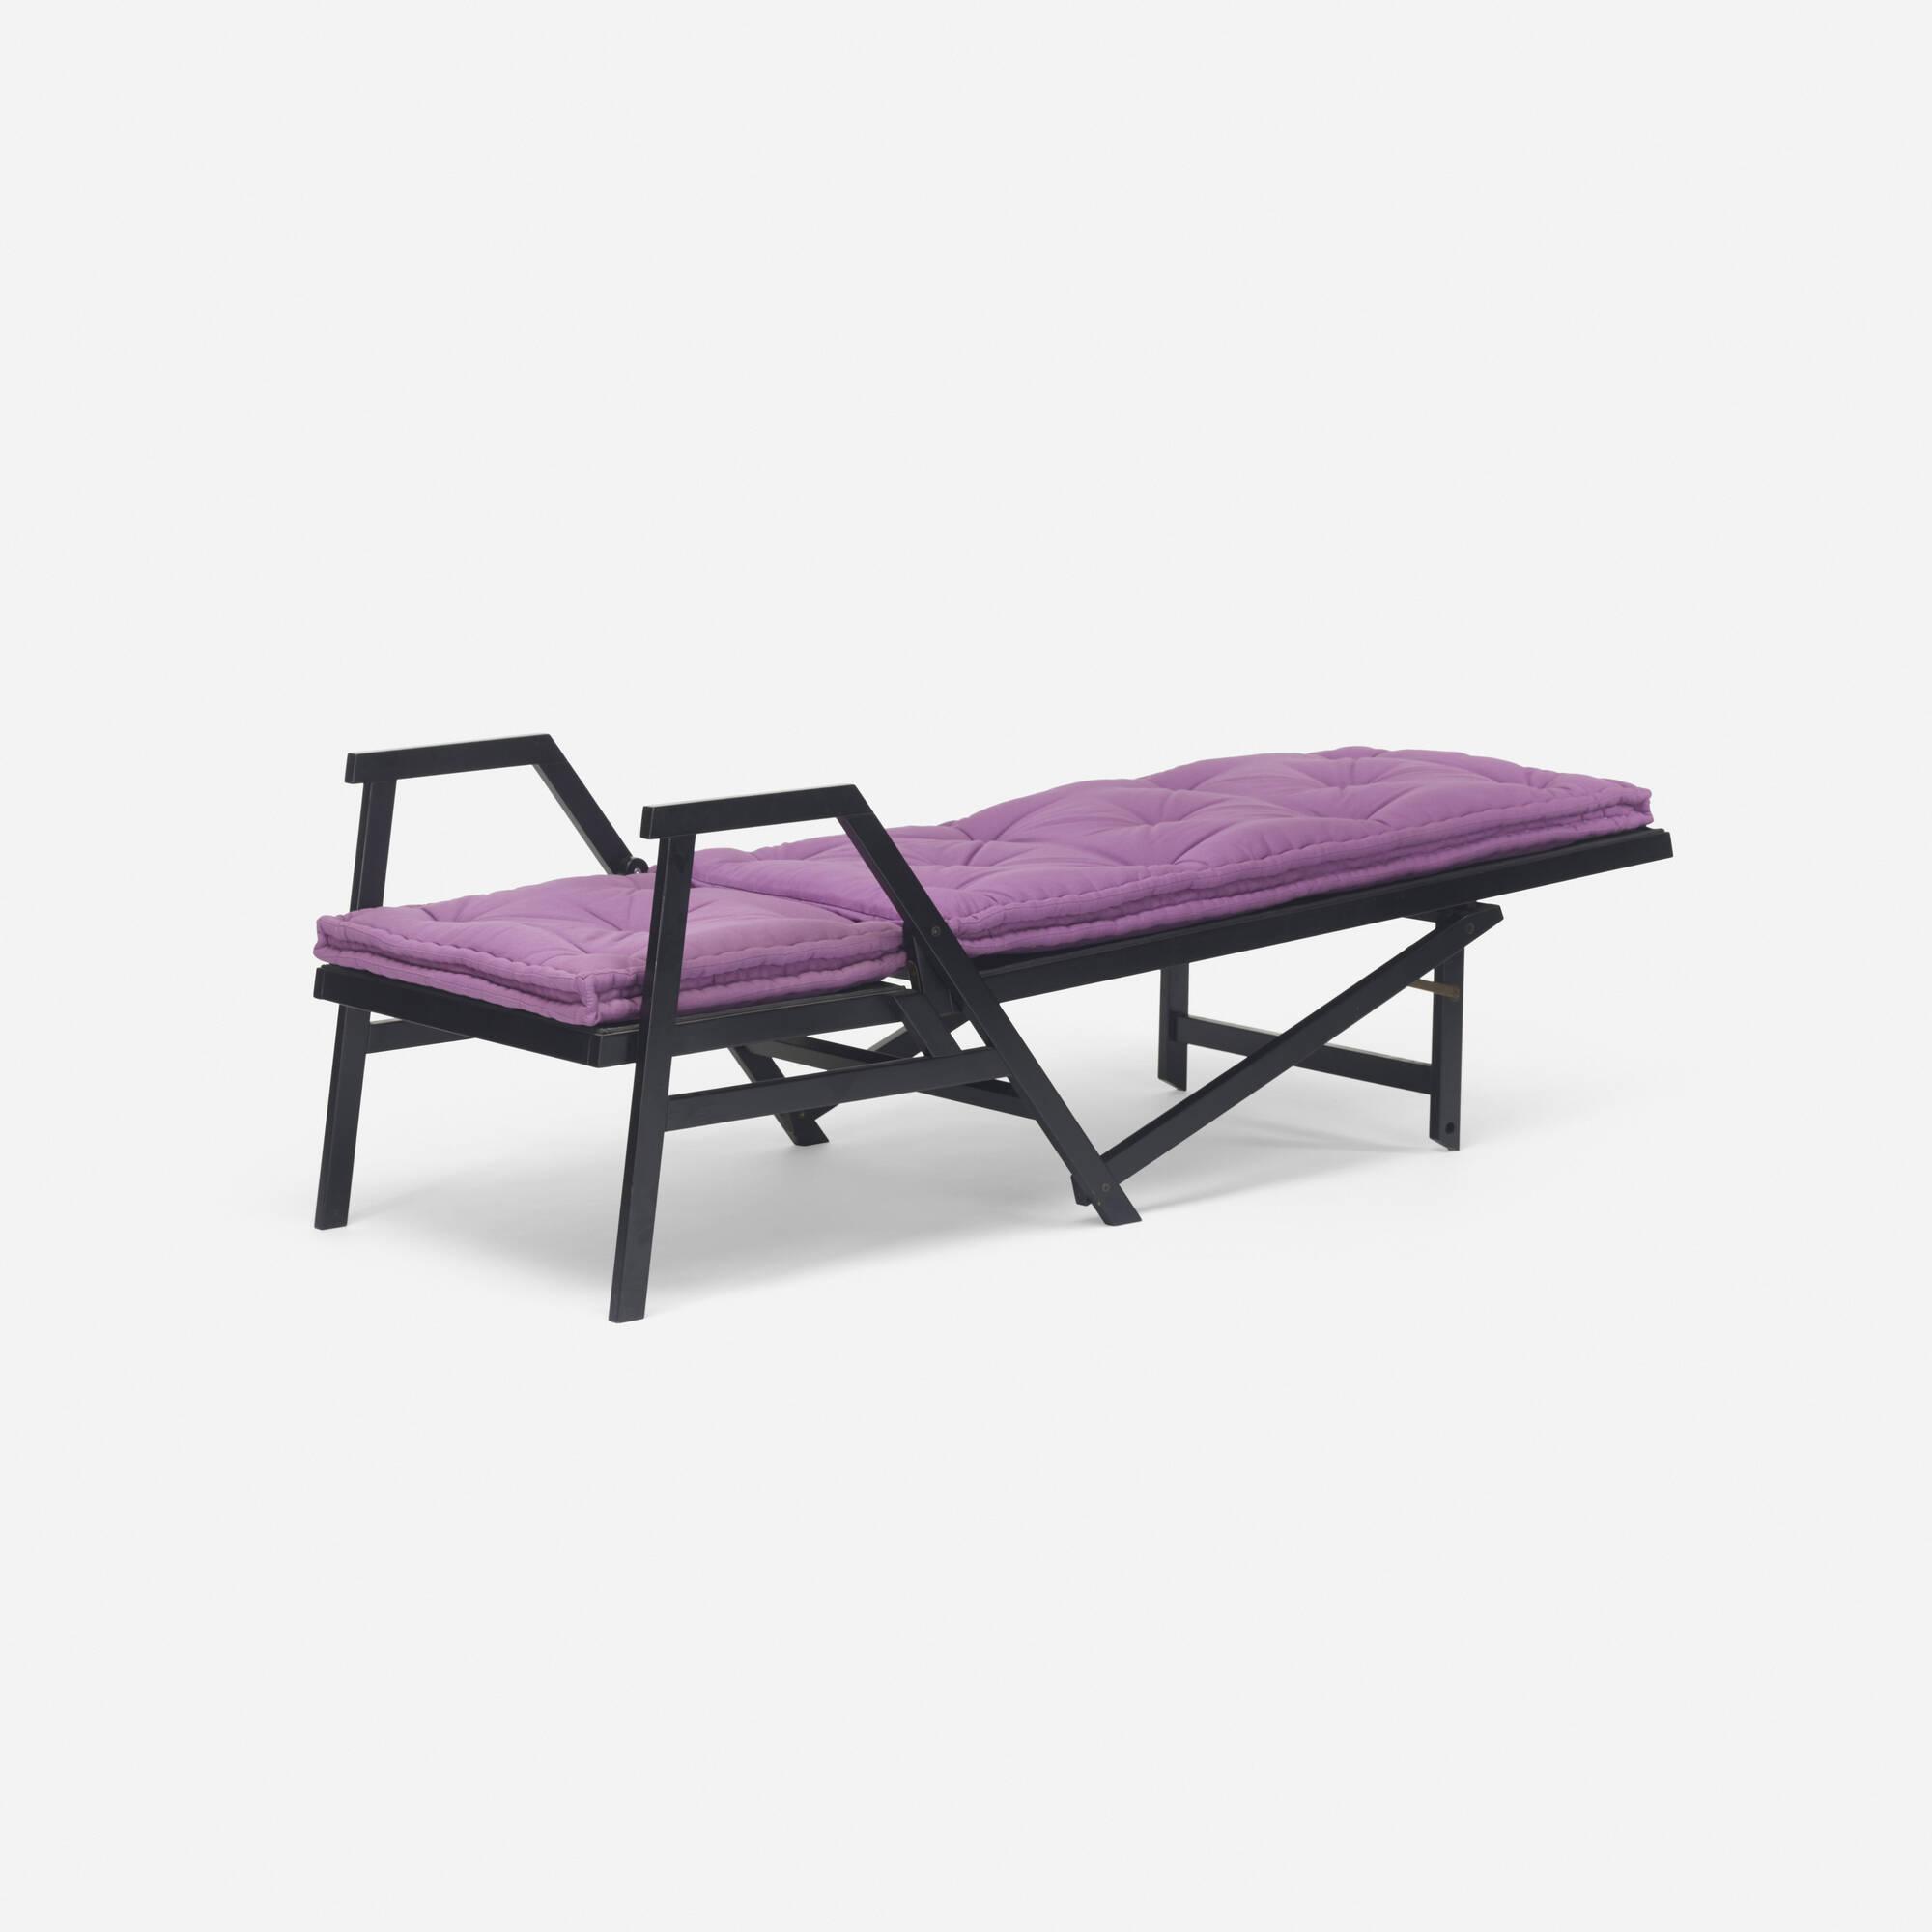 308: Achille Castiglioni / rare Polet lawn chair (3 of 3)